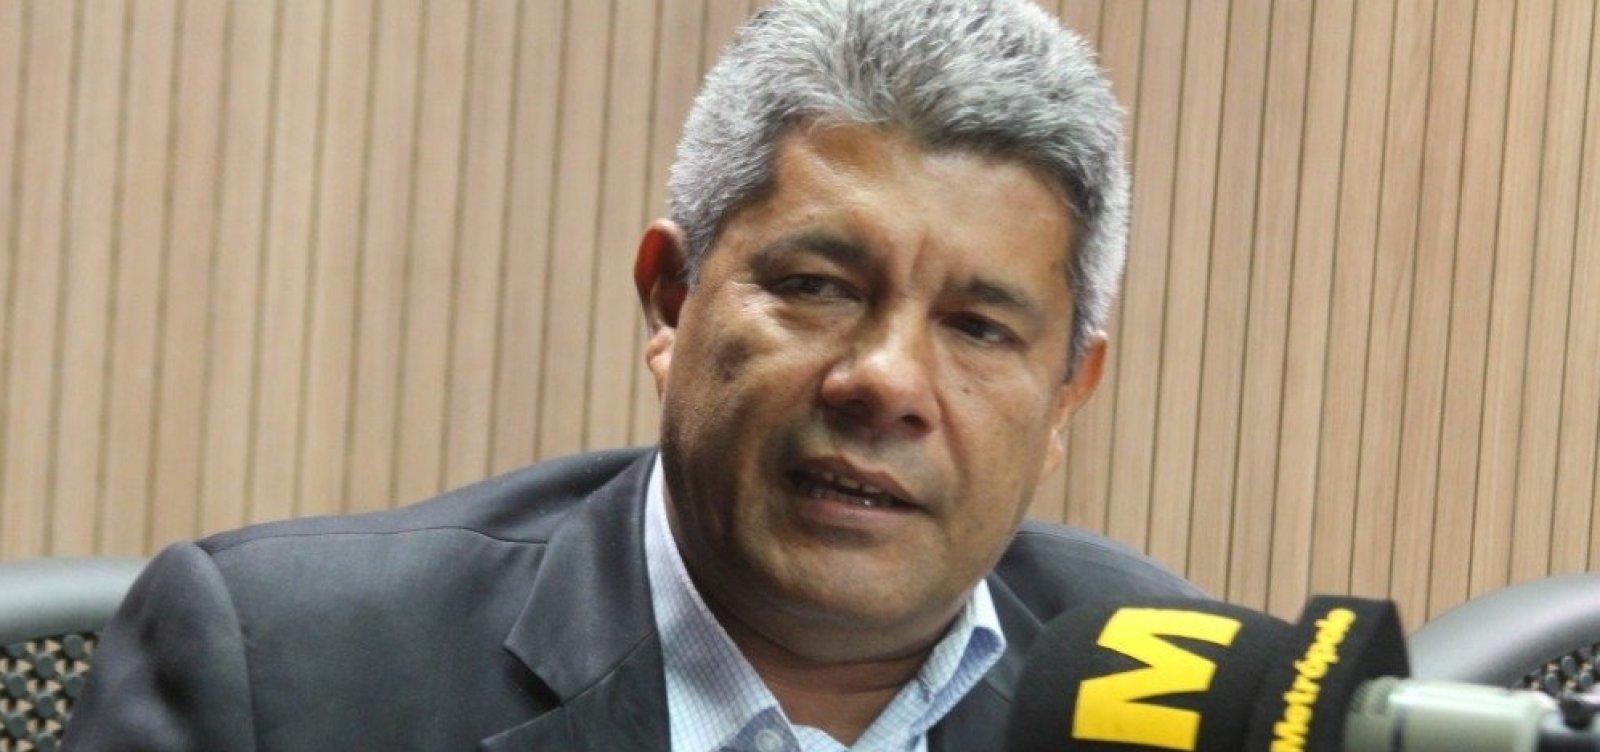 ['Brasil criou preconceito com reforma agrária', critica secretário]